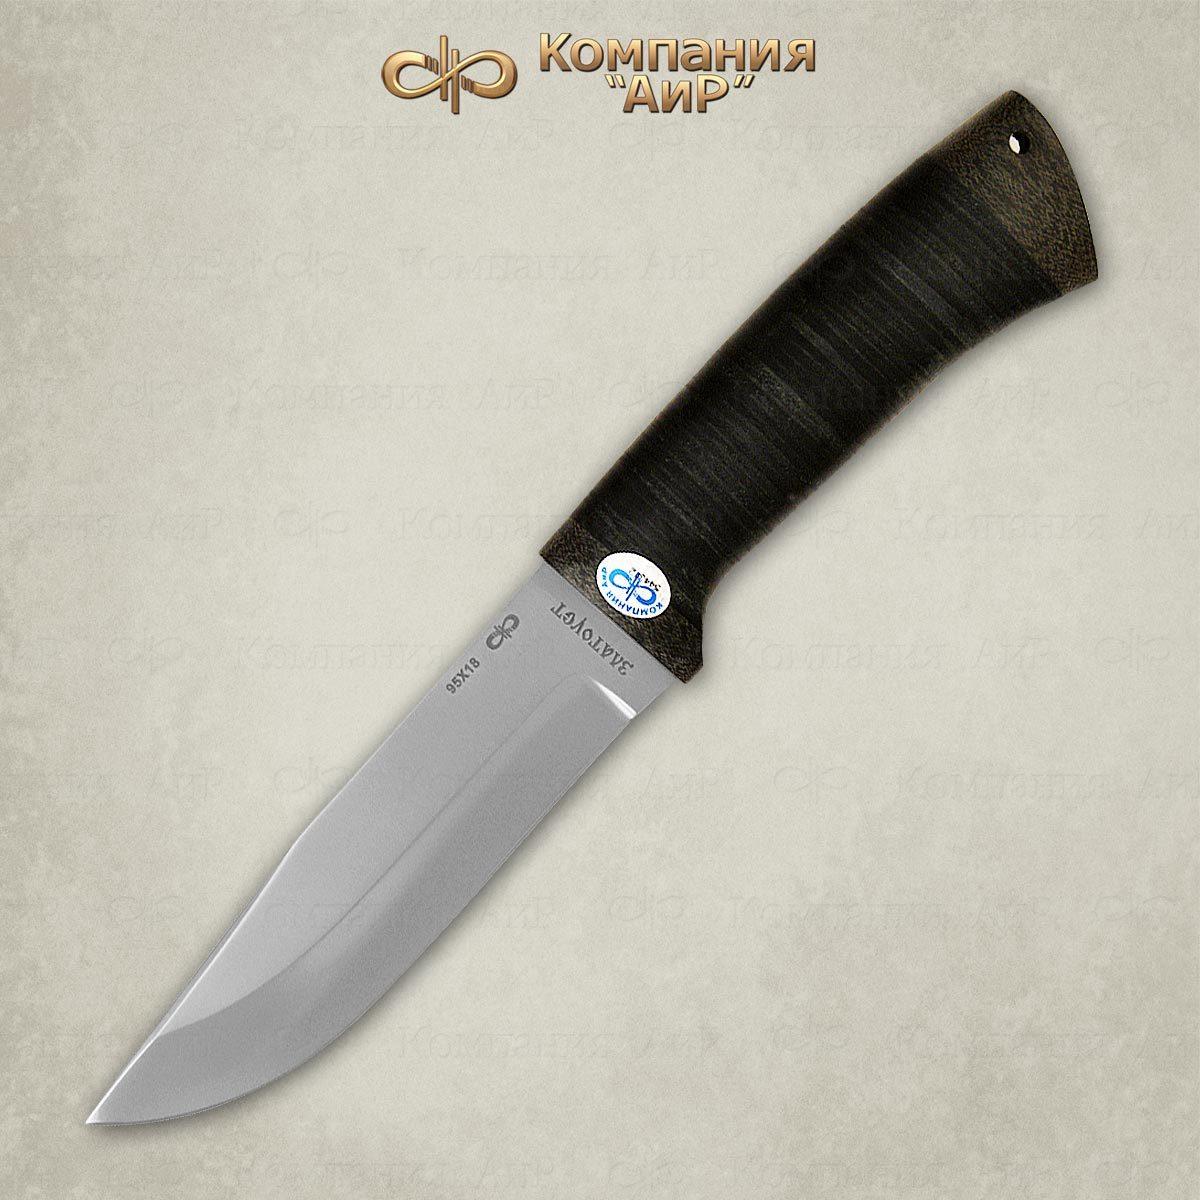 Фото 3 - Нож Турист, кожа, 95х18 от АиР